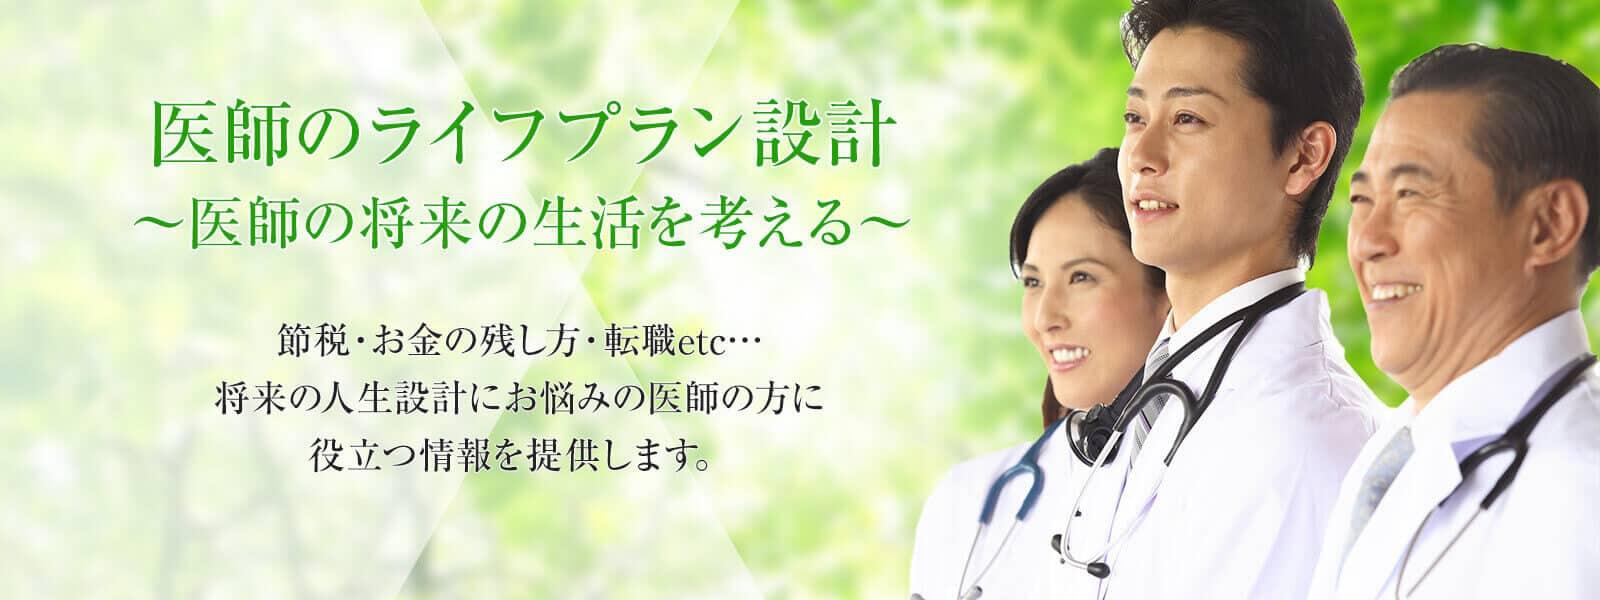 医師のライフプラン設計~医師の将来の生活を考える~